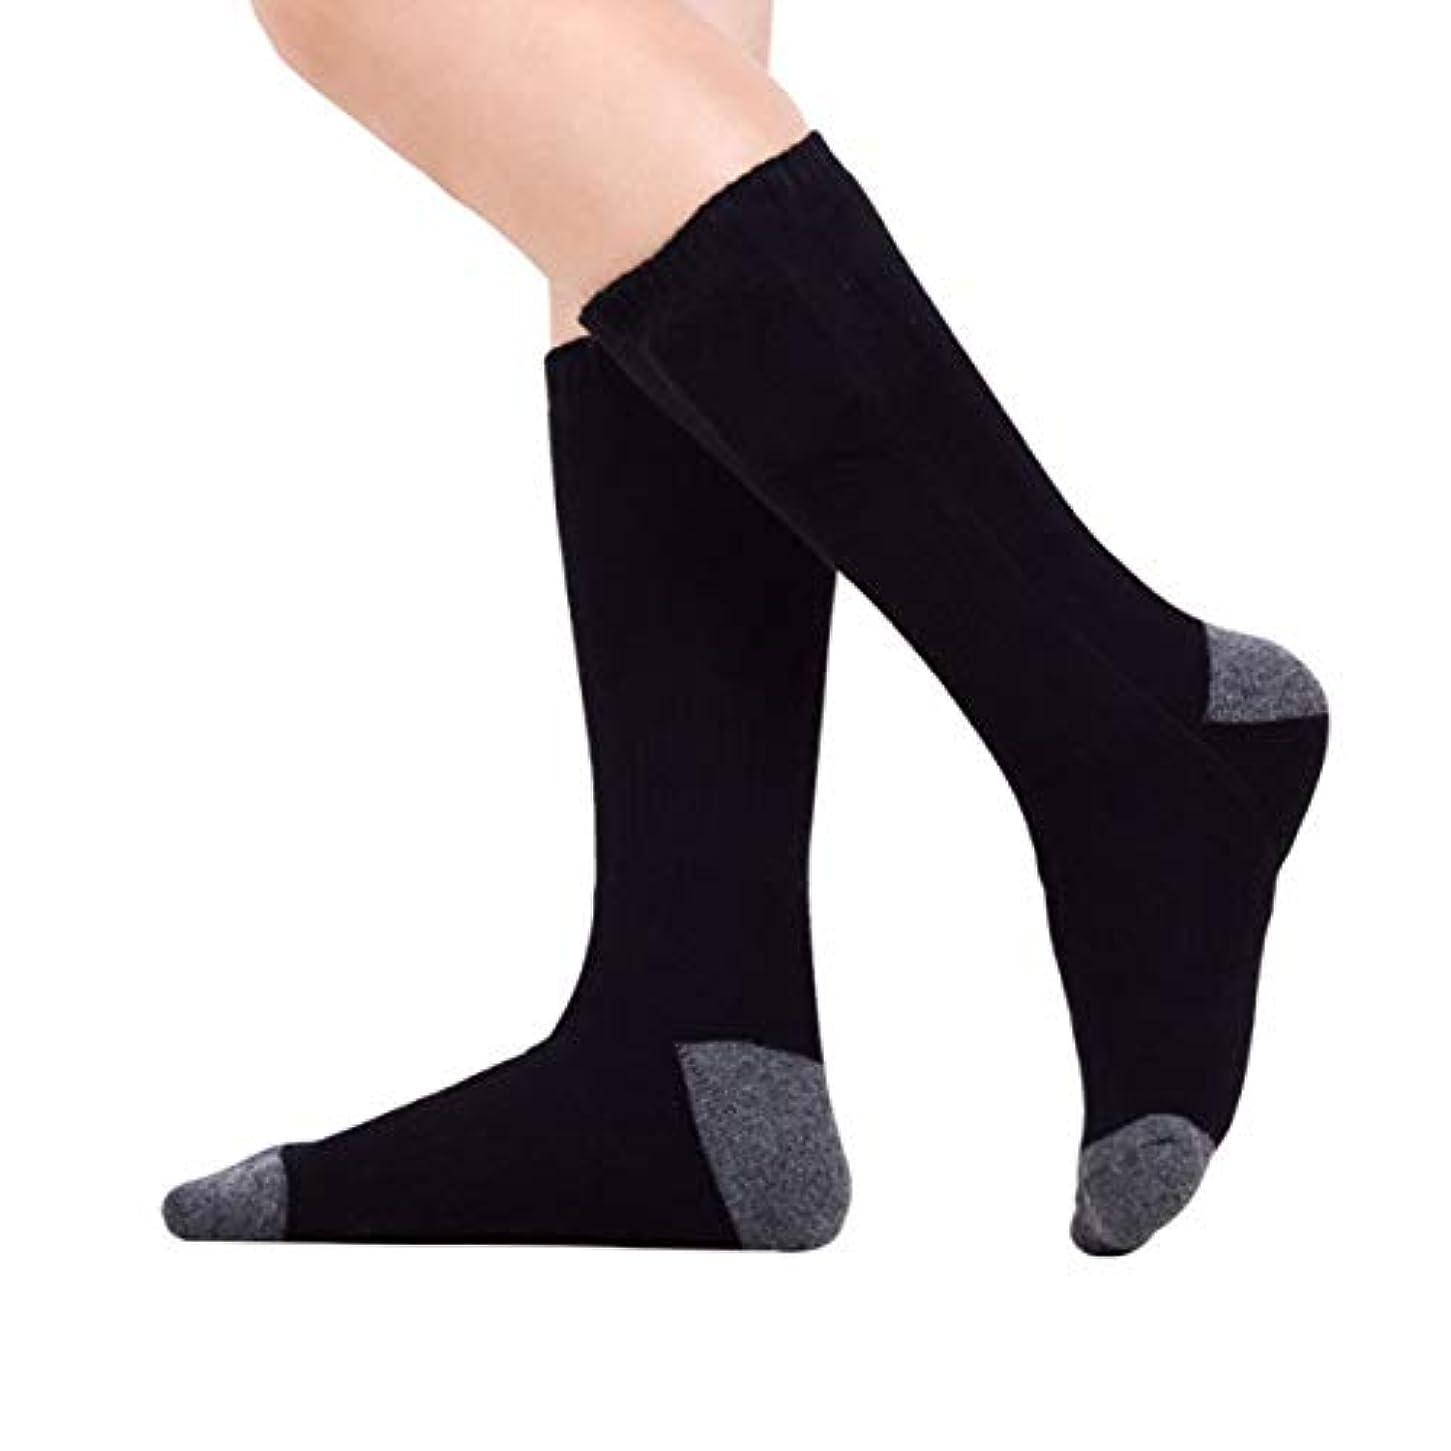 フットボール行く誓う温度調節可能なリチウム電池暖かい靴下を加熱する男性と女性を加熱する暖かい靴下を充電する暖かいホットソックス-ブラック